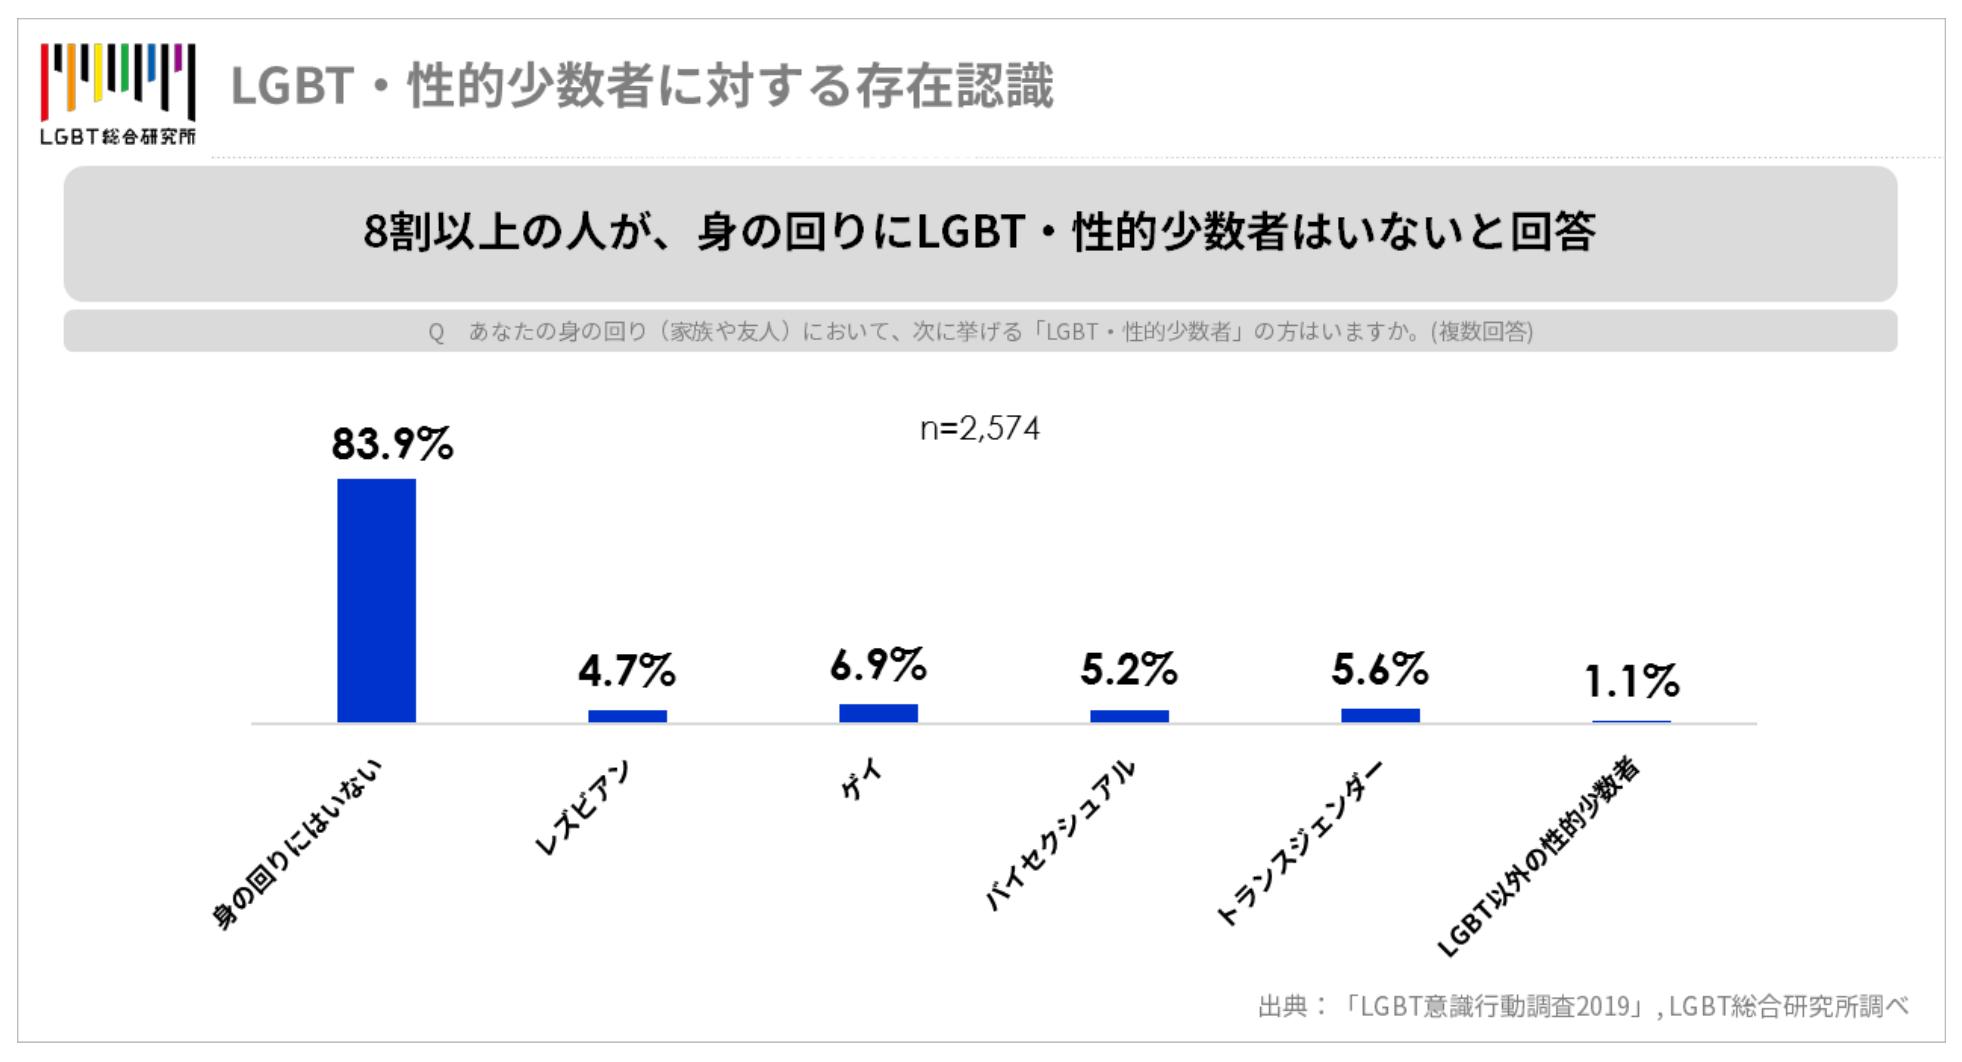 LGBT総合研究所「LGBT意識行動調査2019」